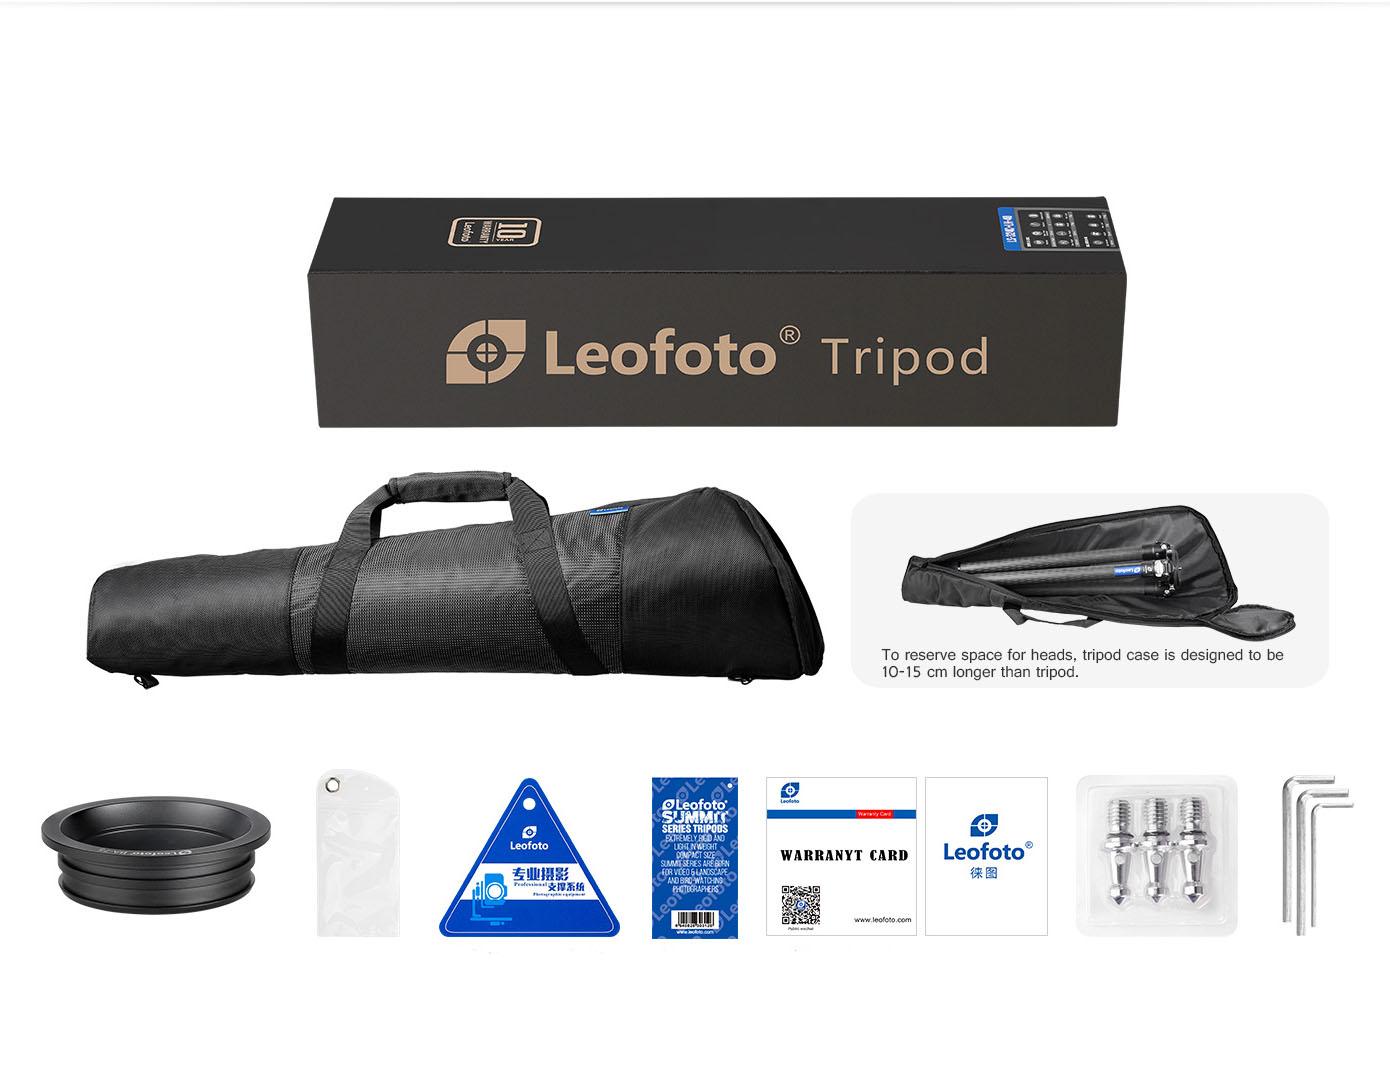 Accesorios incluidos con el trípode Leofoto Summit LM-364CL